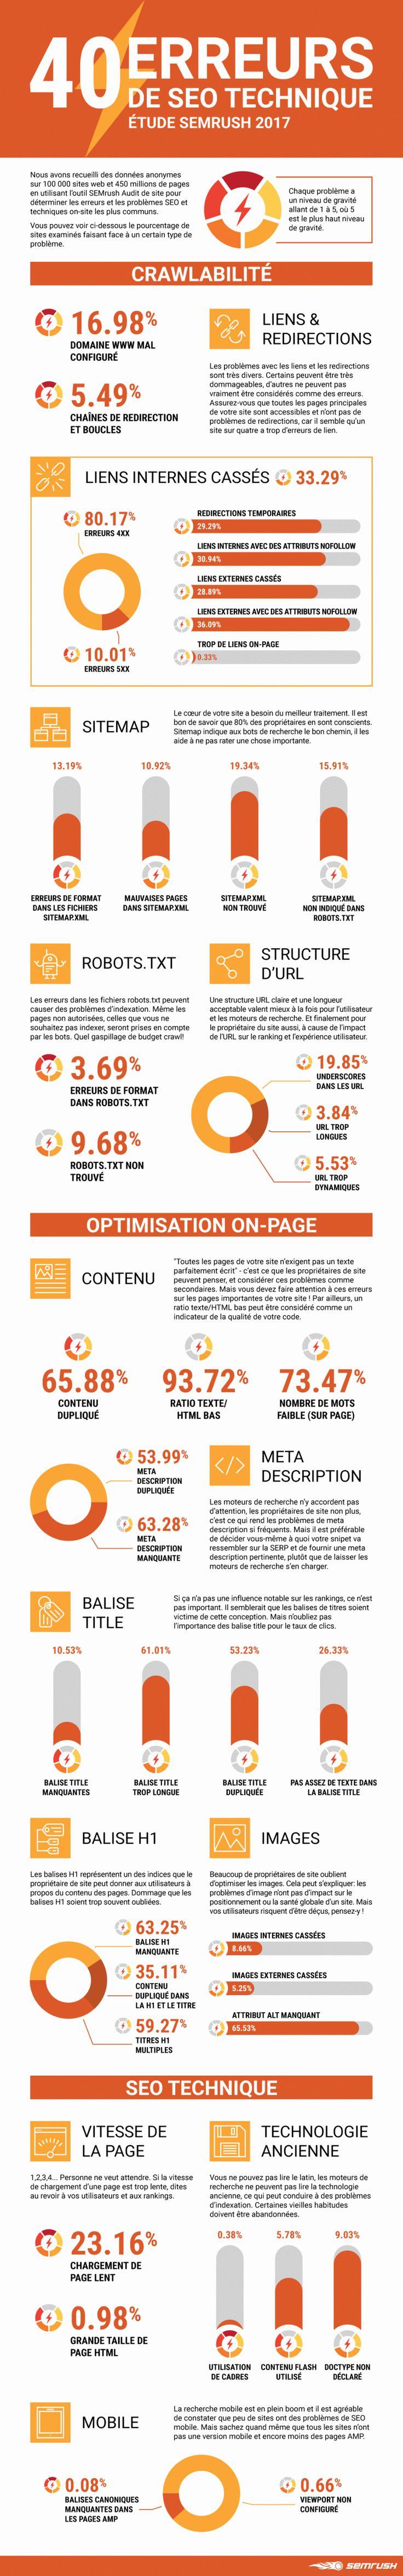 Une infographie qui donne les résultats d'une étude menée par SemRush sur 40 points plus ou moins bien pris en compte par les sites web actuels